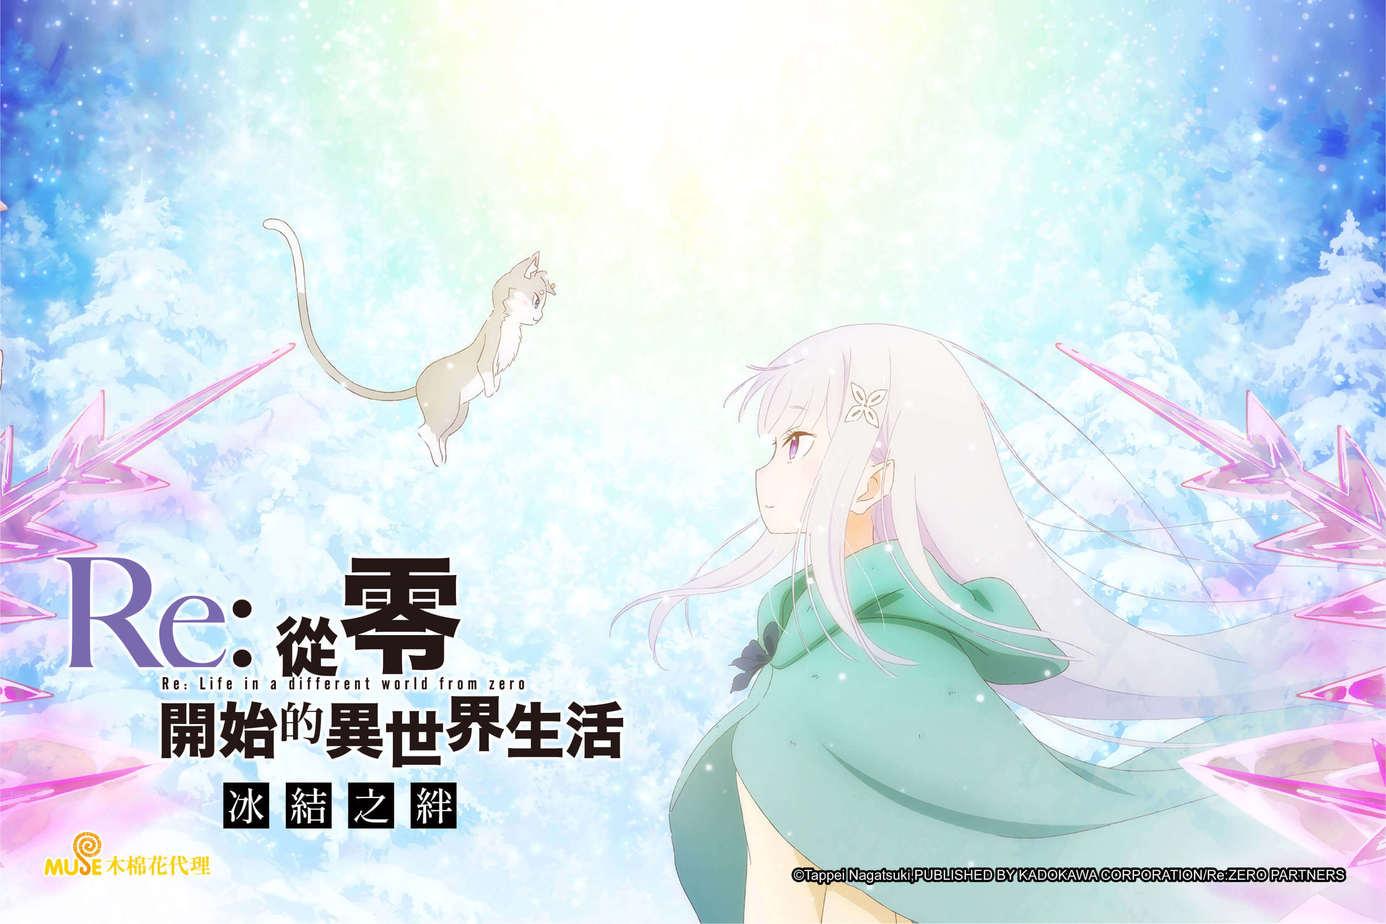 Re:從零開始的異世界生活OVA 冰結之絆